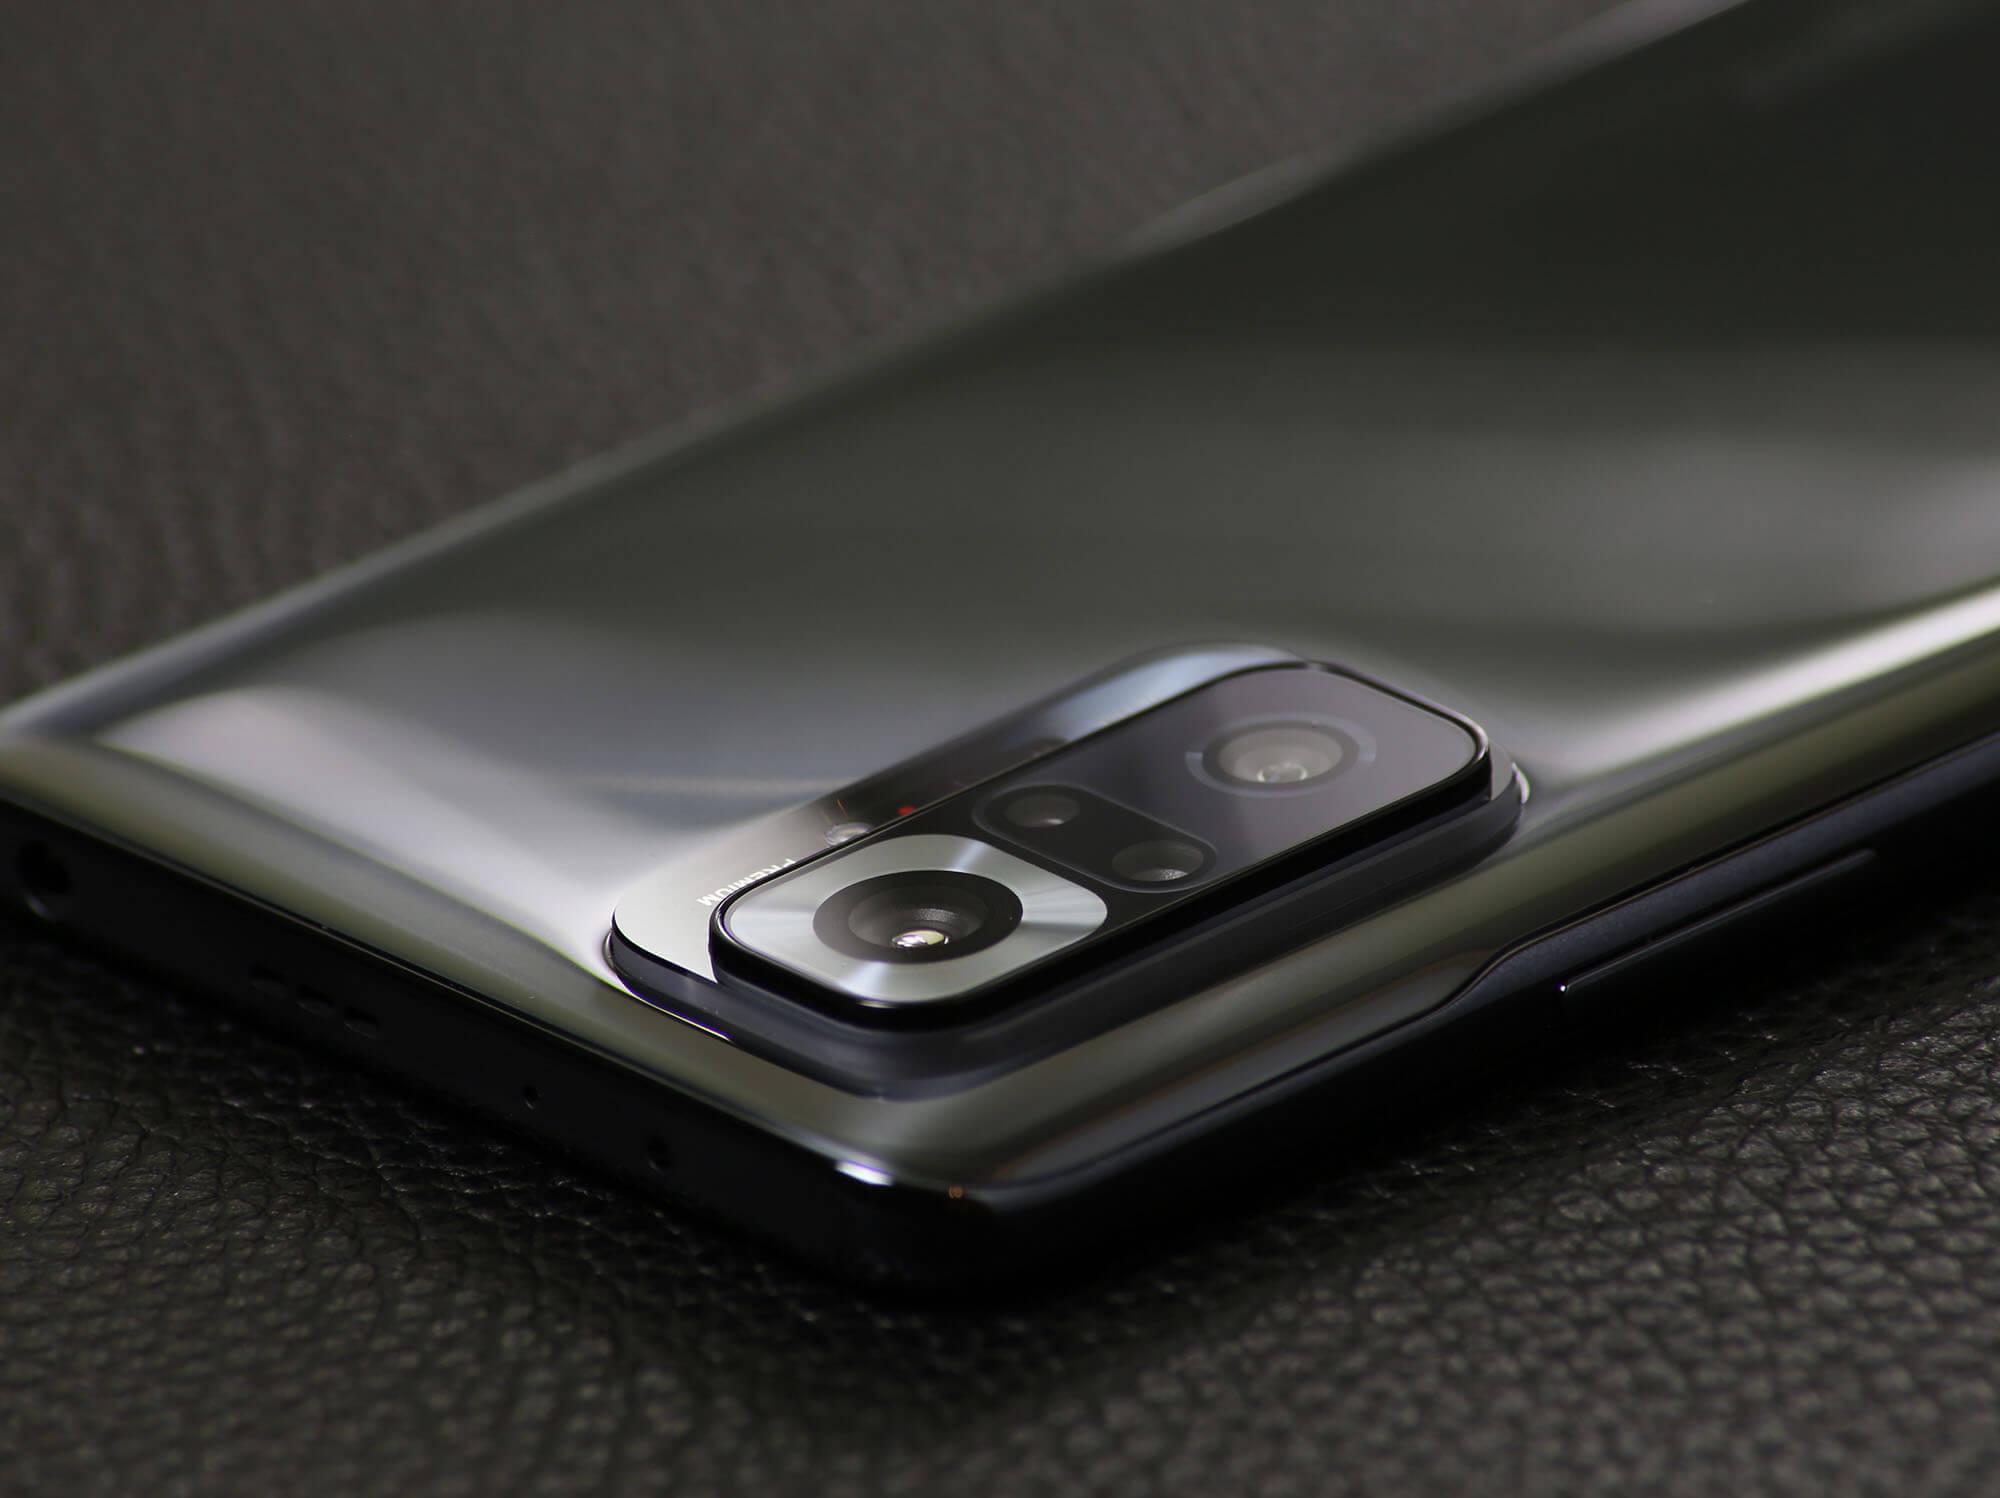 見た目ですでに高画質を予感させるRedmi Note 10 Proのカメラデザイン。勿論画質は見た目以上